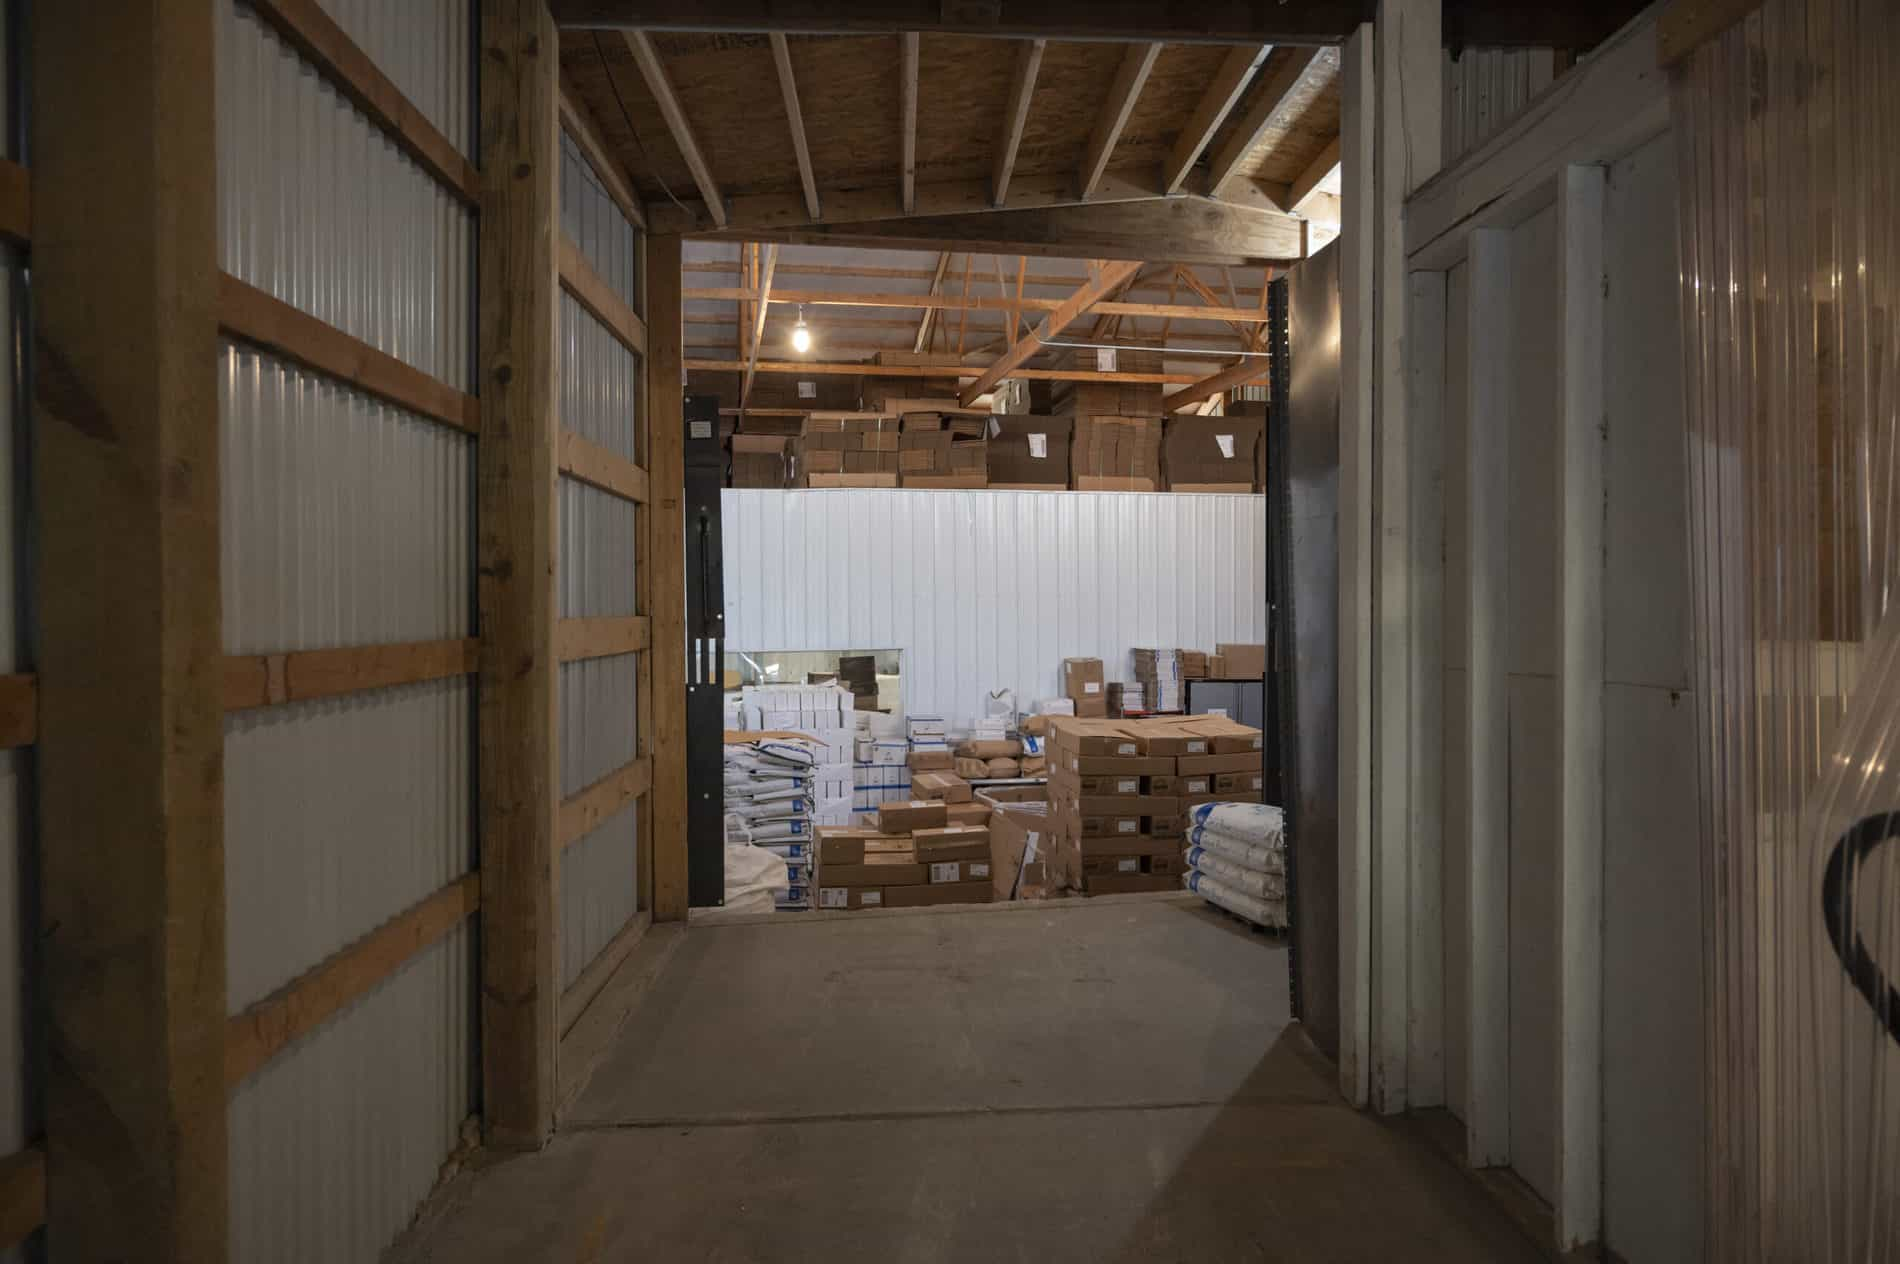 inner_loading_dock